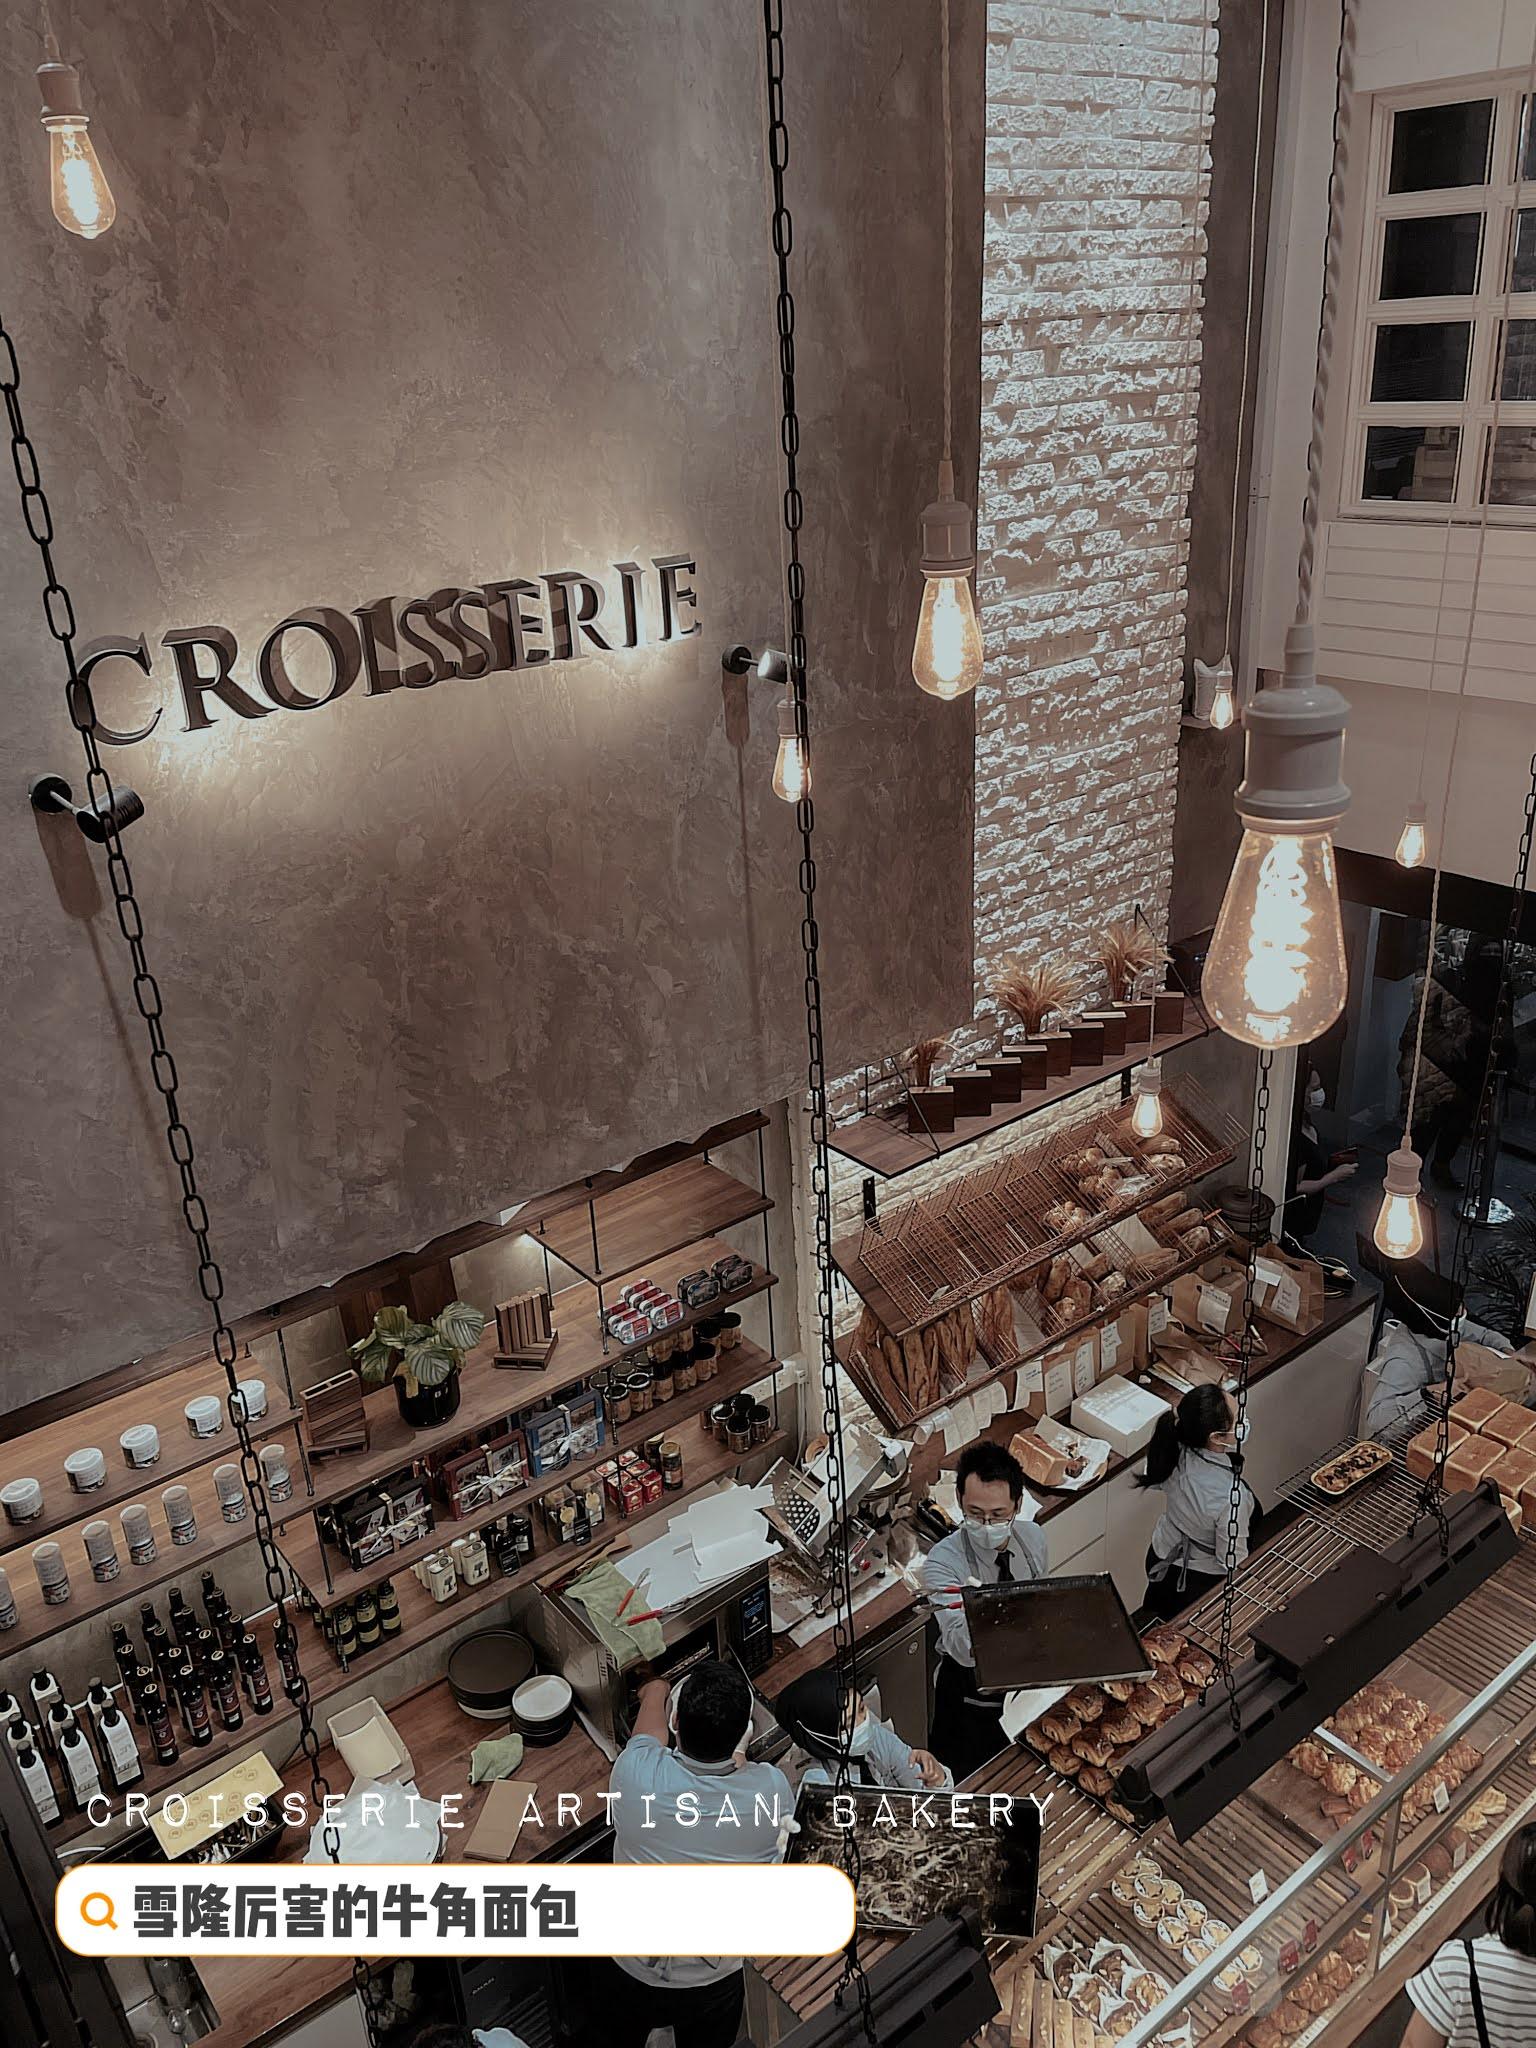 Croisserie Artisan Bakery